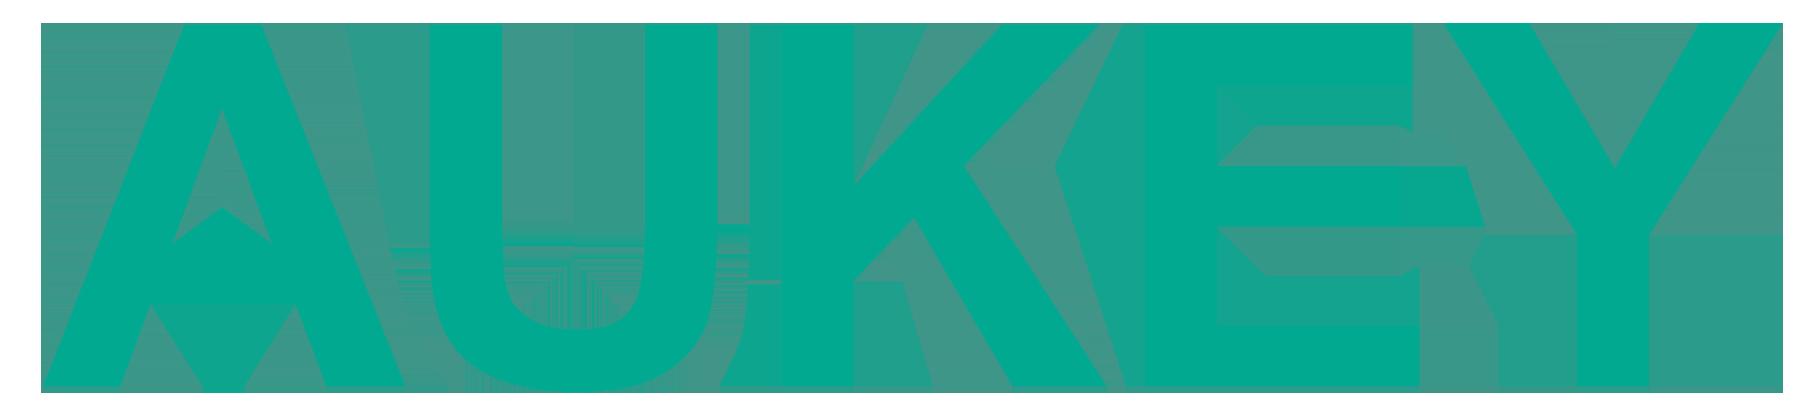 AUKEY_logo